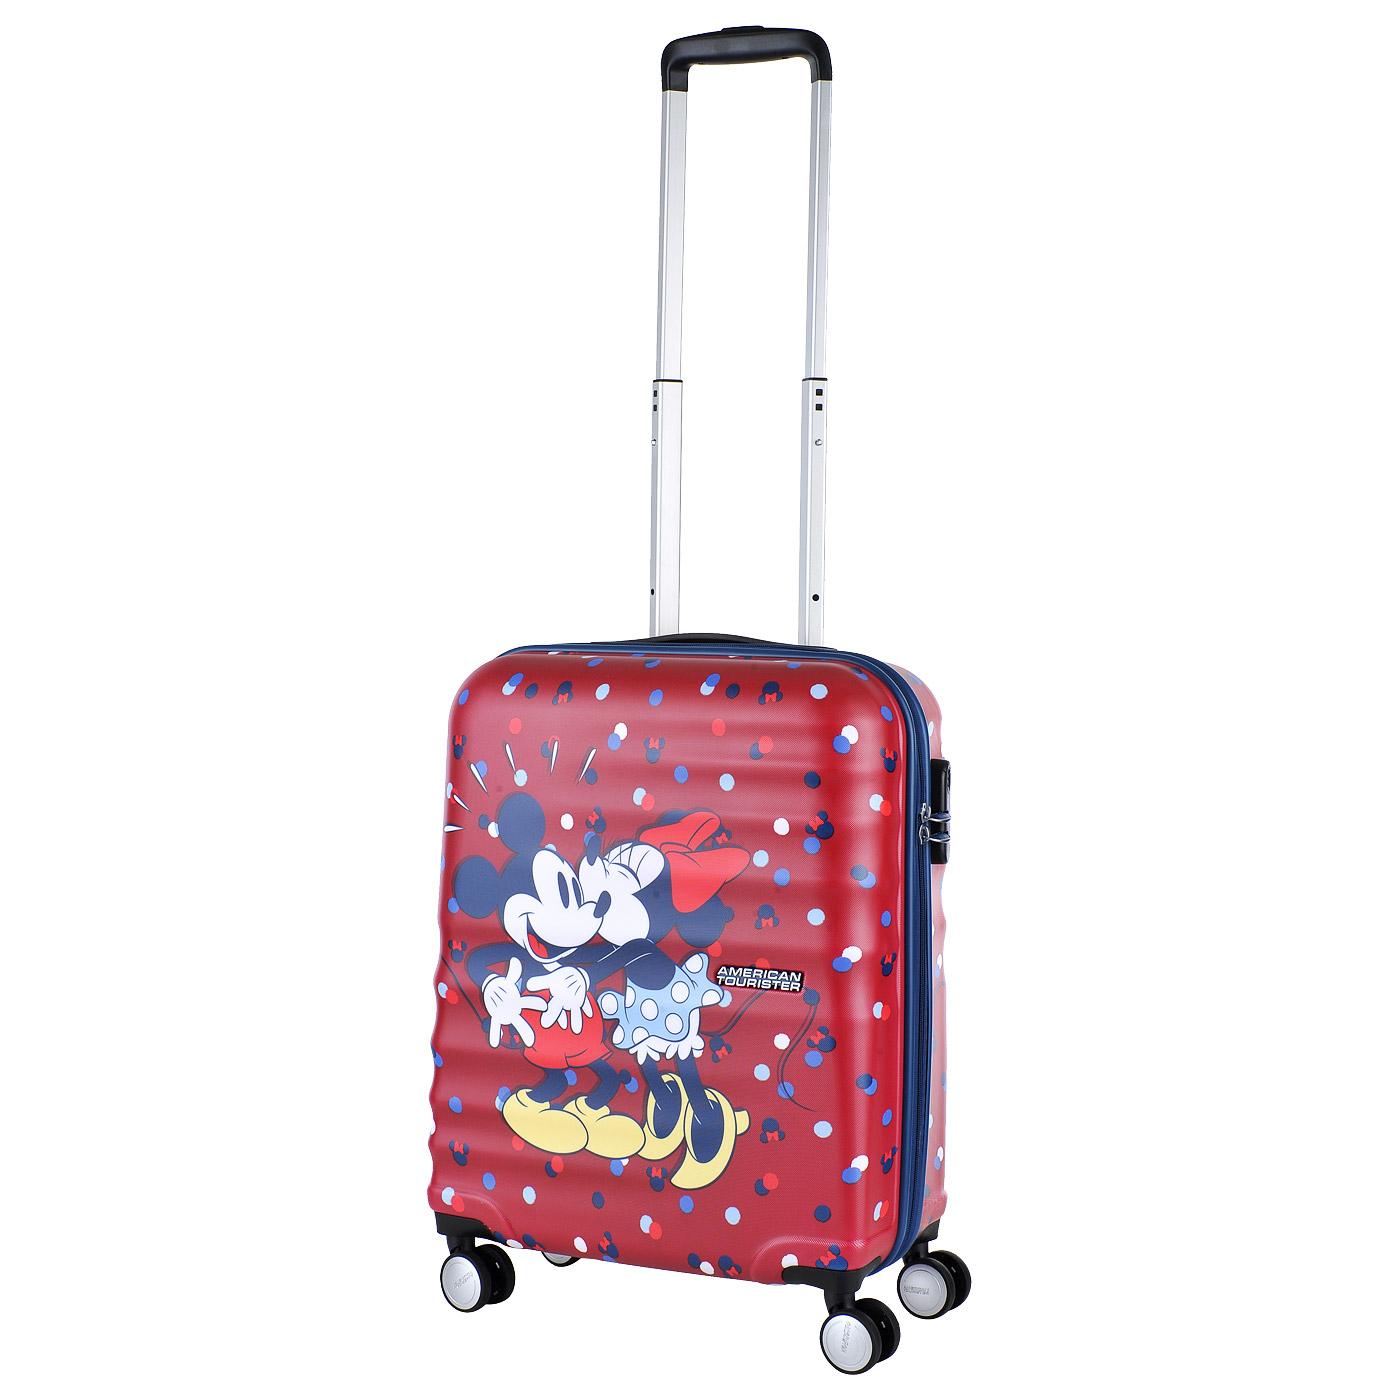 Маленький чемодан купить